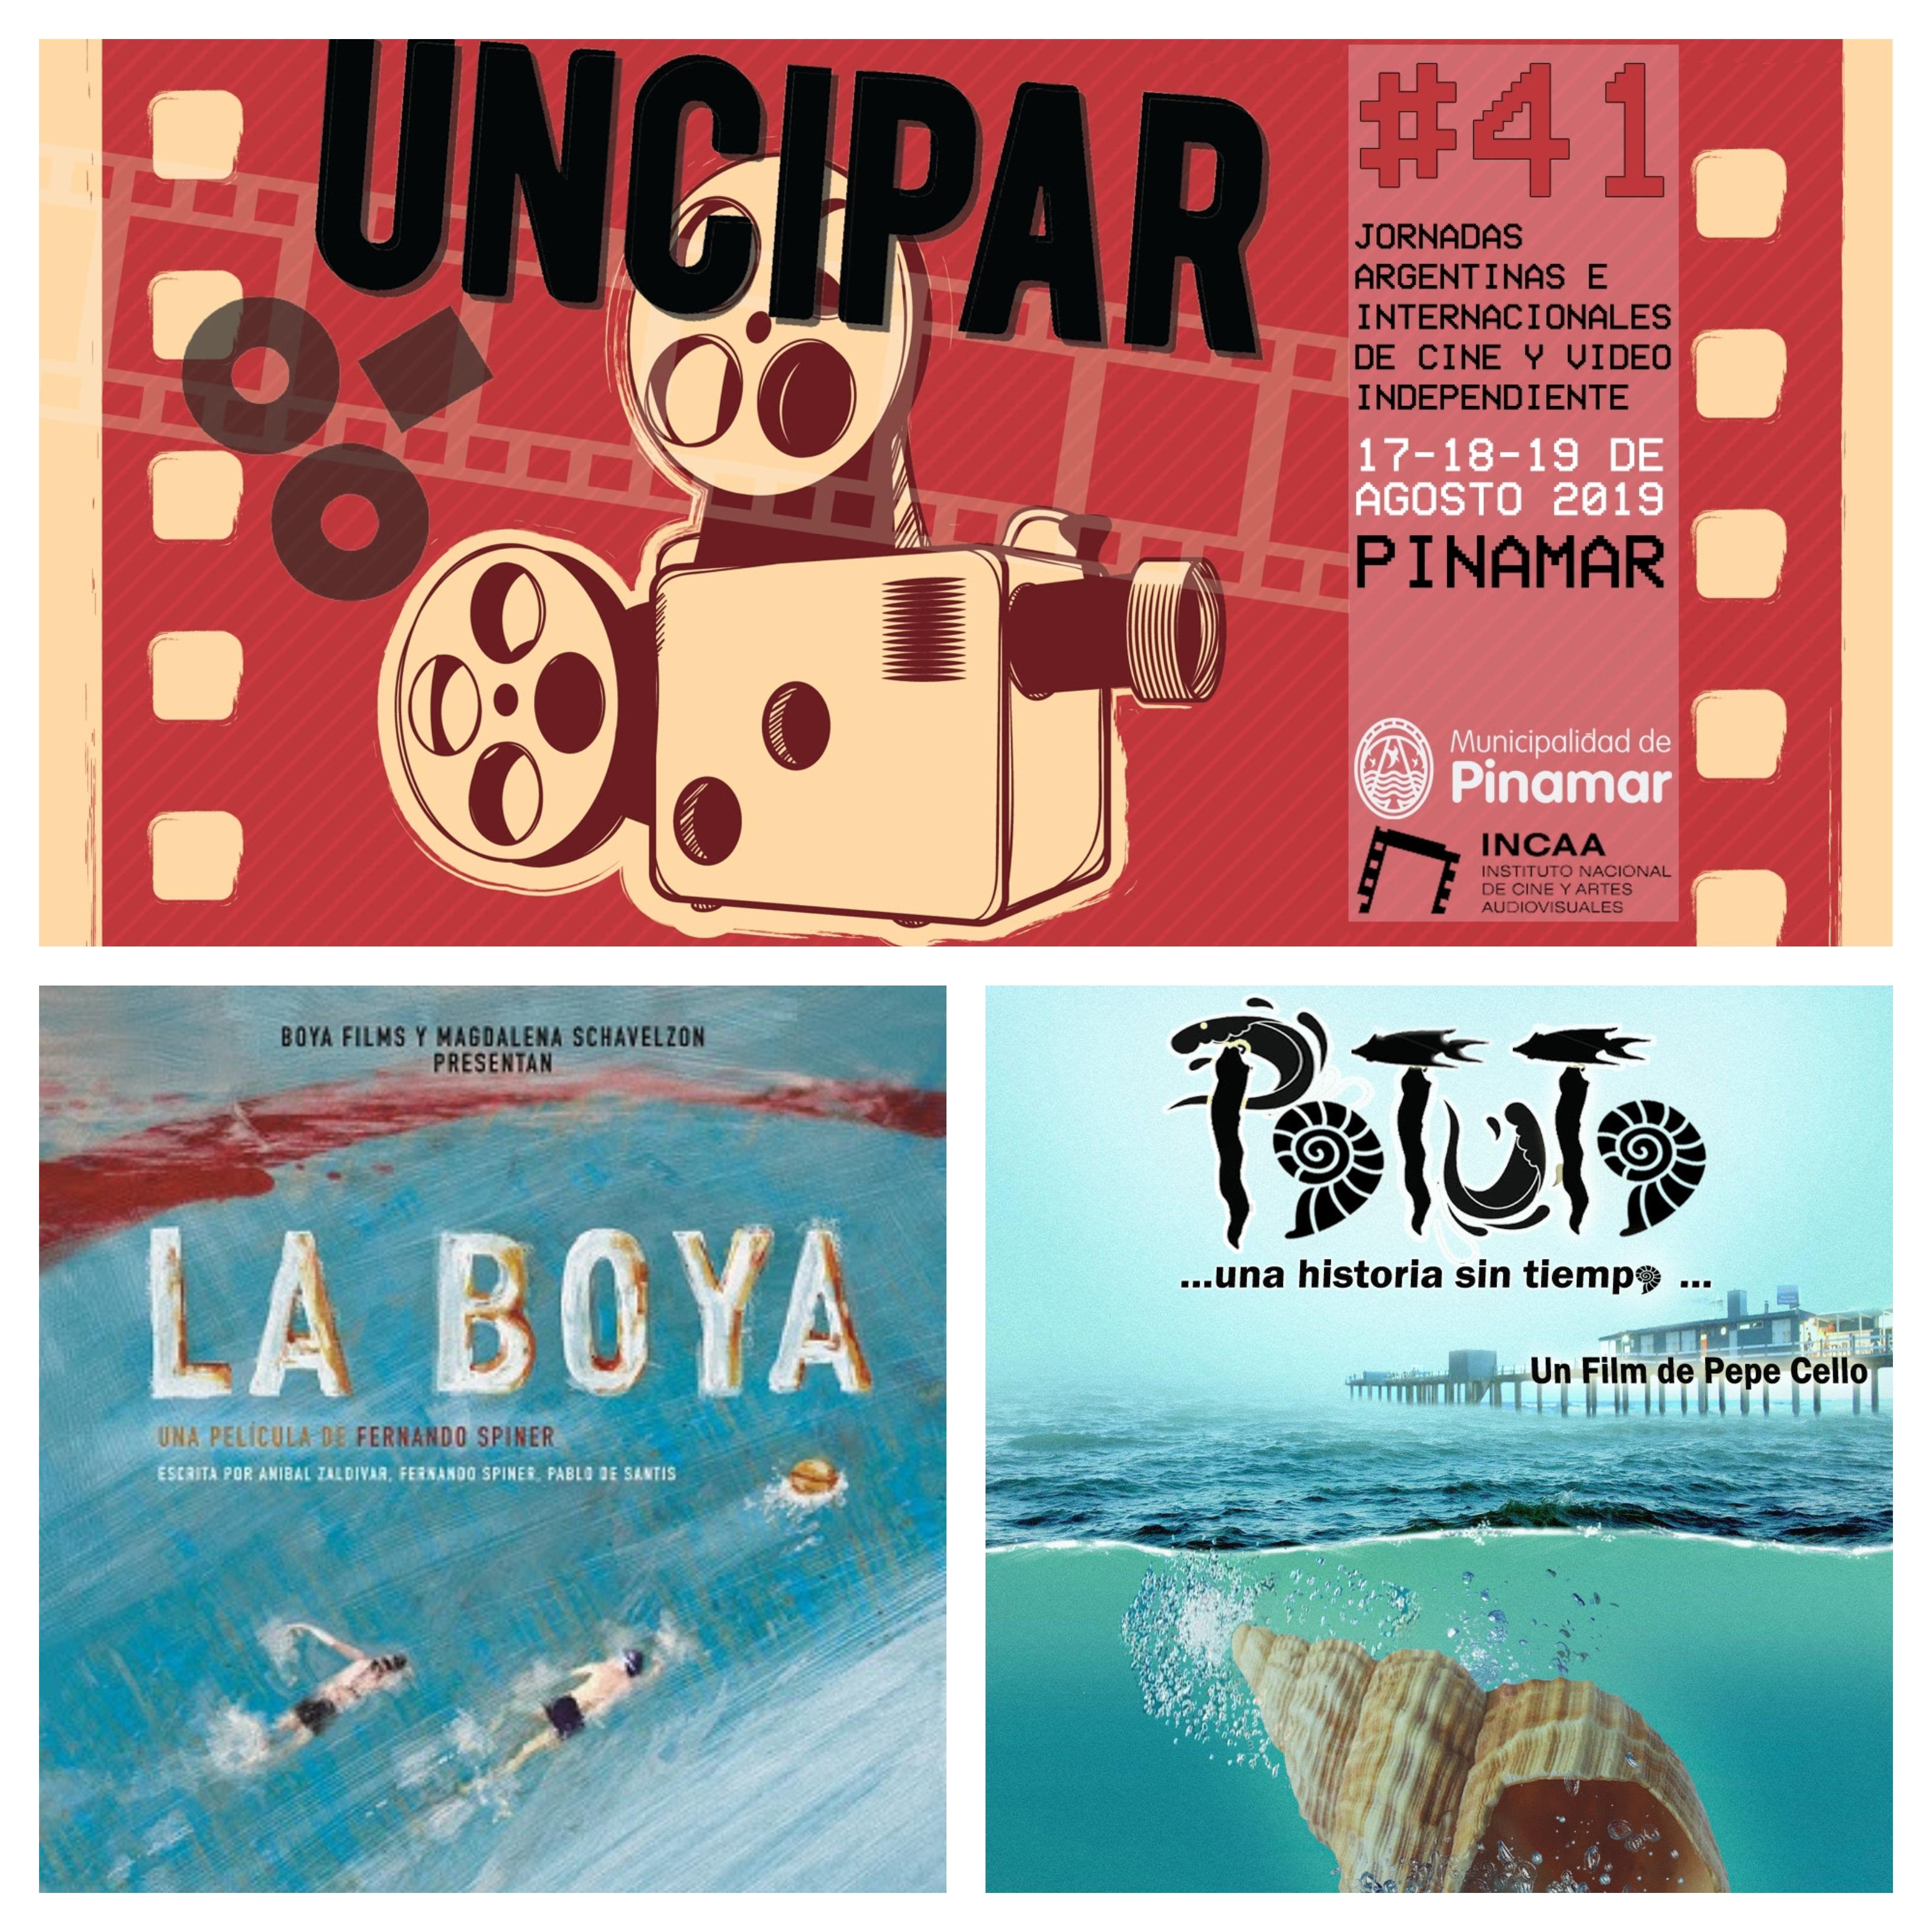 41ª Jornadas Argentinas e Internacionales de Cine y Video Independiente en Pinamar